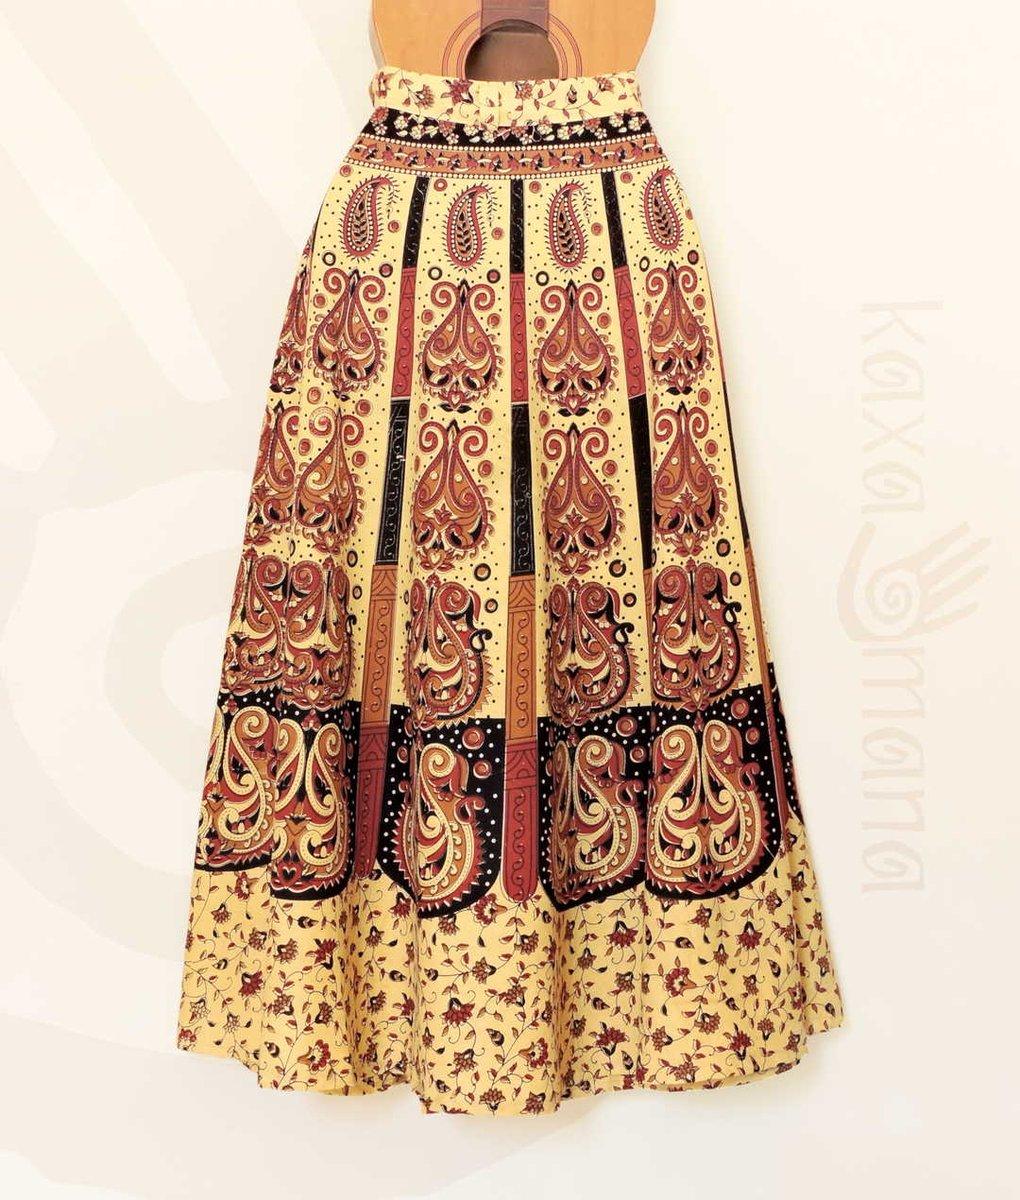 b710a4ddb8 Trabalho  artesanal para quem ama o estilo  cigano e  indiano  VivaKaxamana  https   loja.kaxamana.com.br saia-envelope-artesanal-indiana ref 2019021914  … ...